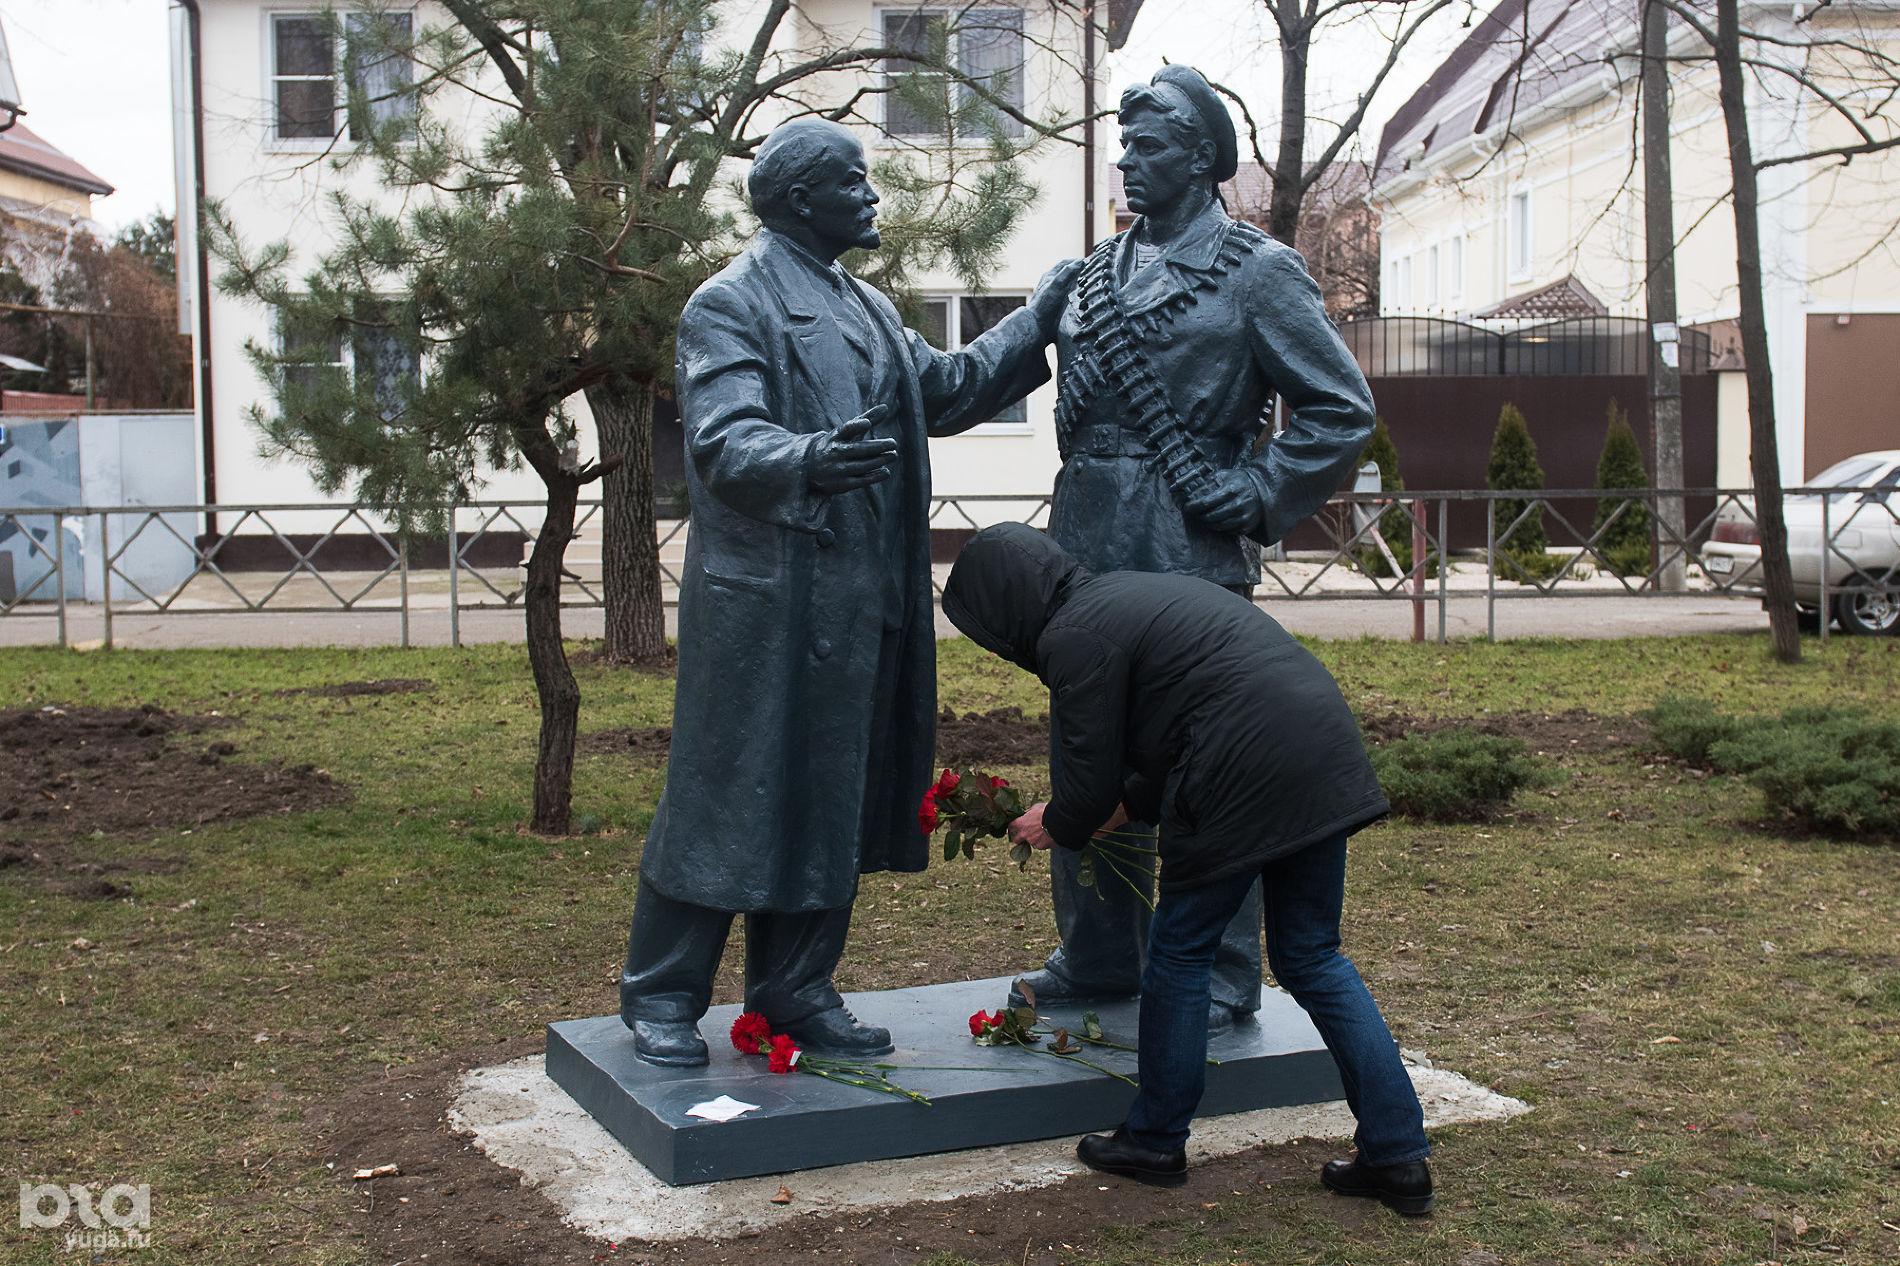 Памятник «В. И. Ленин говорит с матросом» в сквере на пересечении улиц Ленина и Суворова ©Фото Елены Синеок, Юга.ру